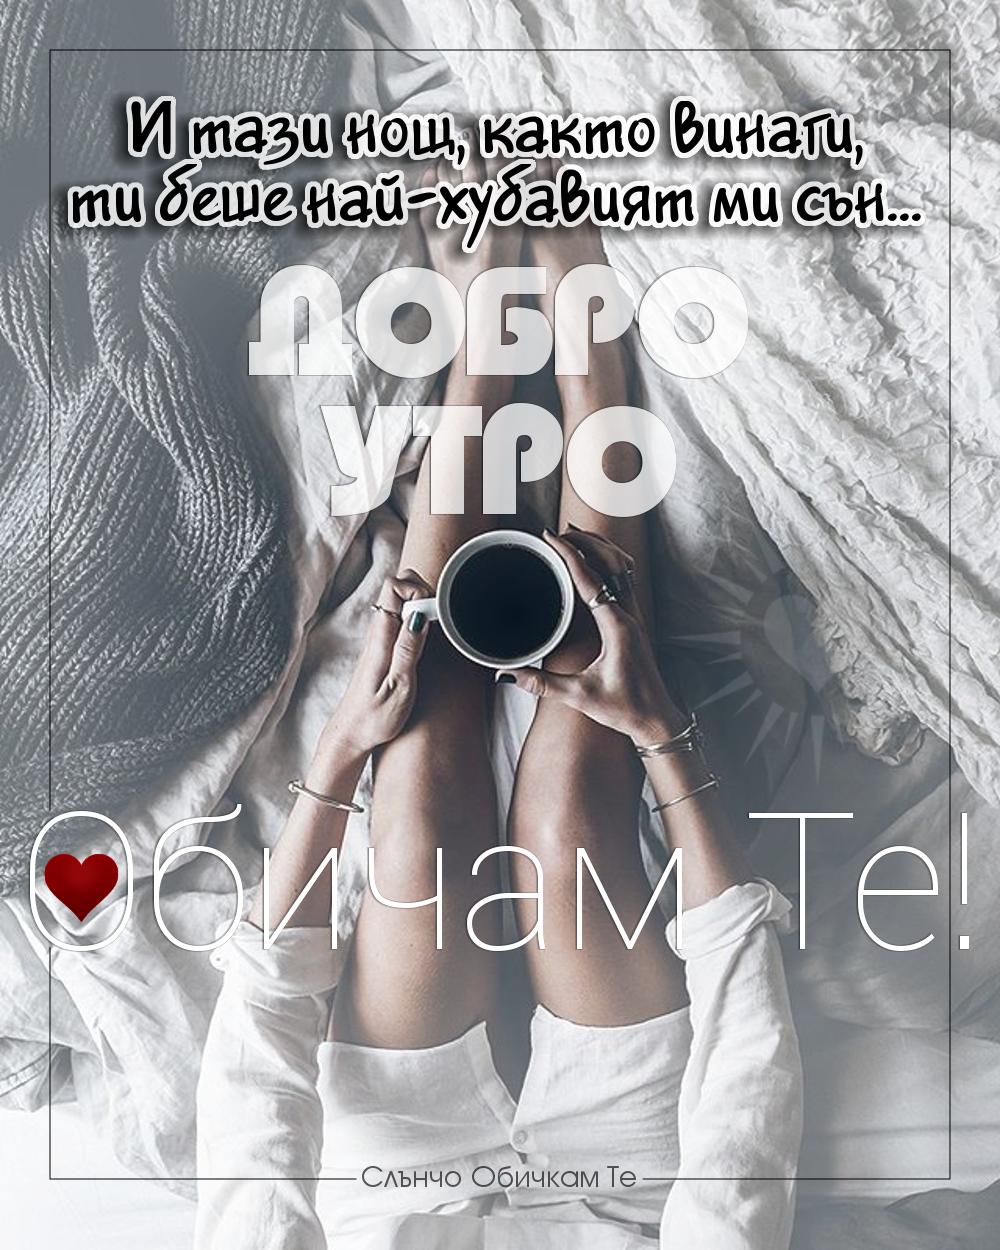 Добро утро любов, добро утро на любовта, обичам те, добро утро за любим човек, любов от разстояние, пожелания за добро утро - И тази нощ, както винаги, ти беше най-хубавият ми сън